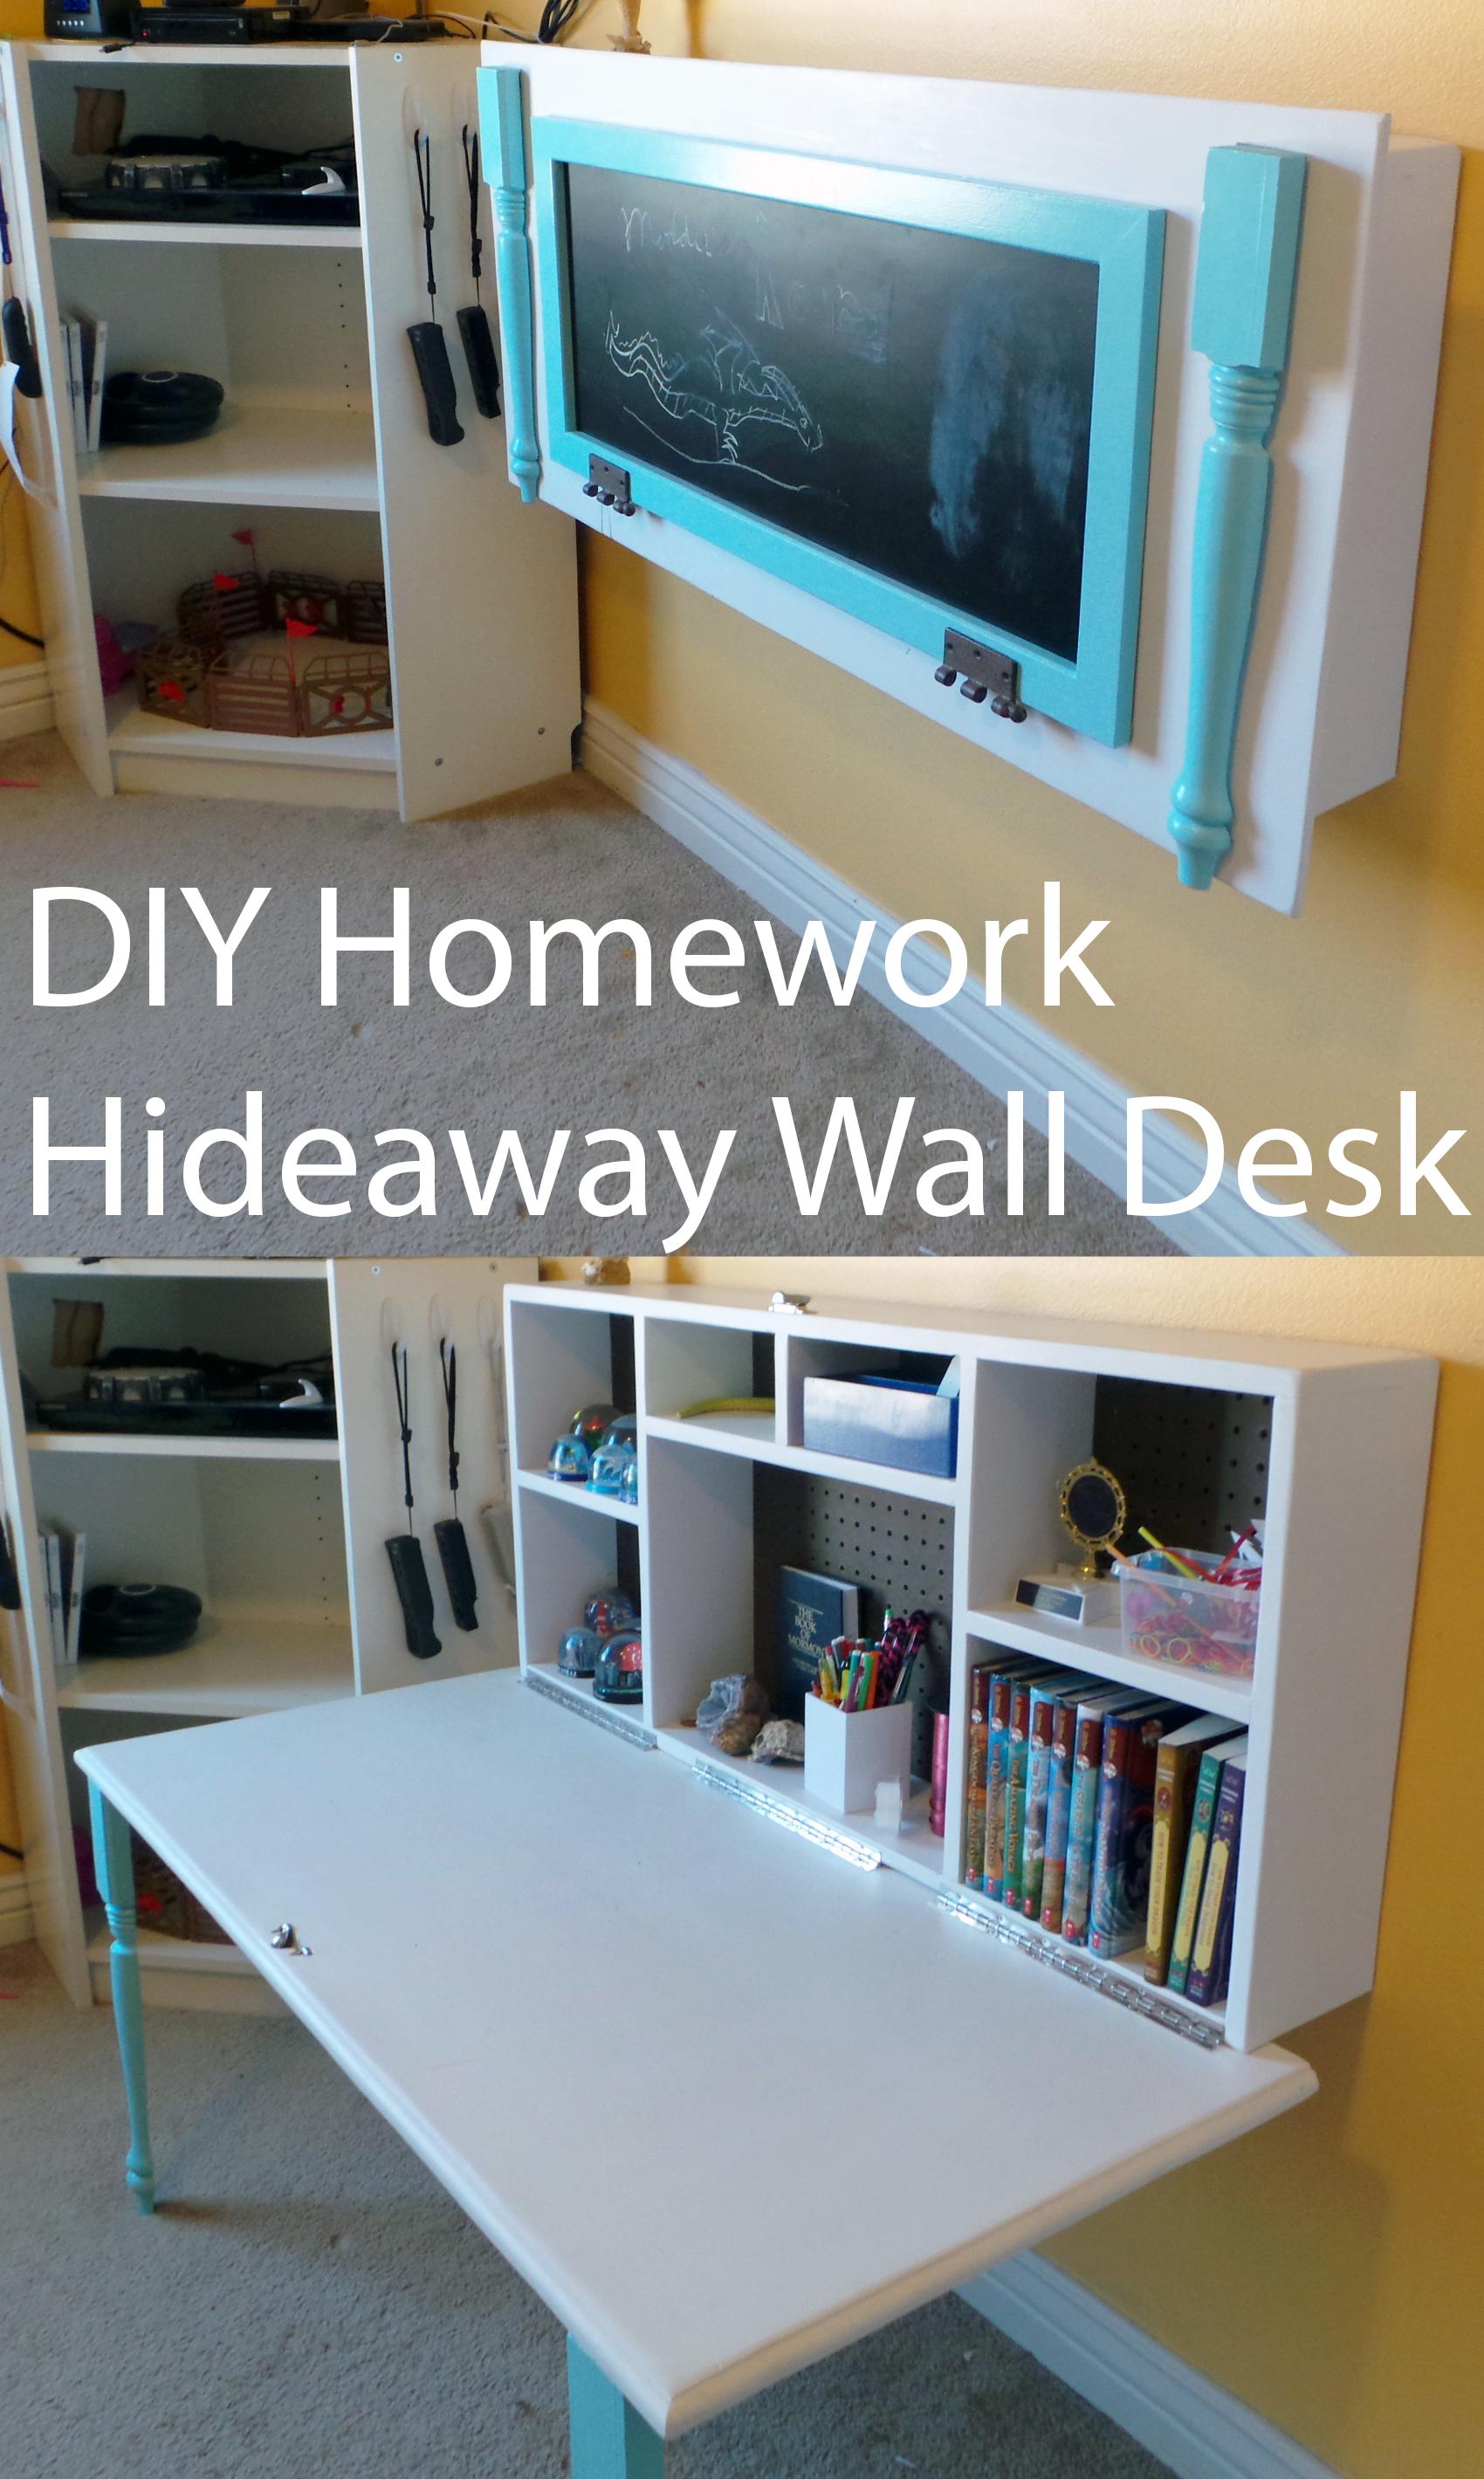 Diy Kids Homework Hideaway Wall Desk Kids Rooms Diy Room Diy